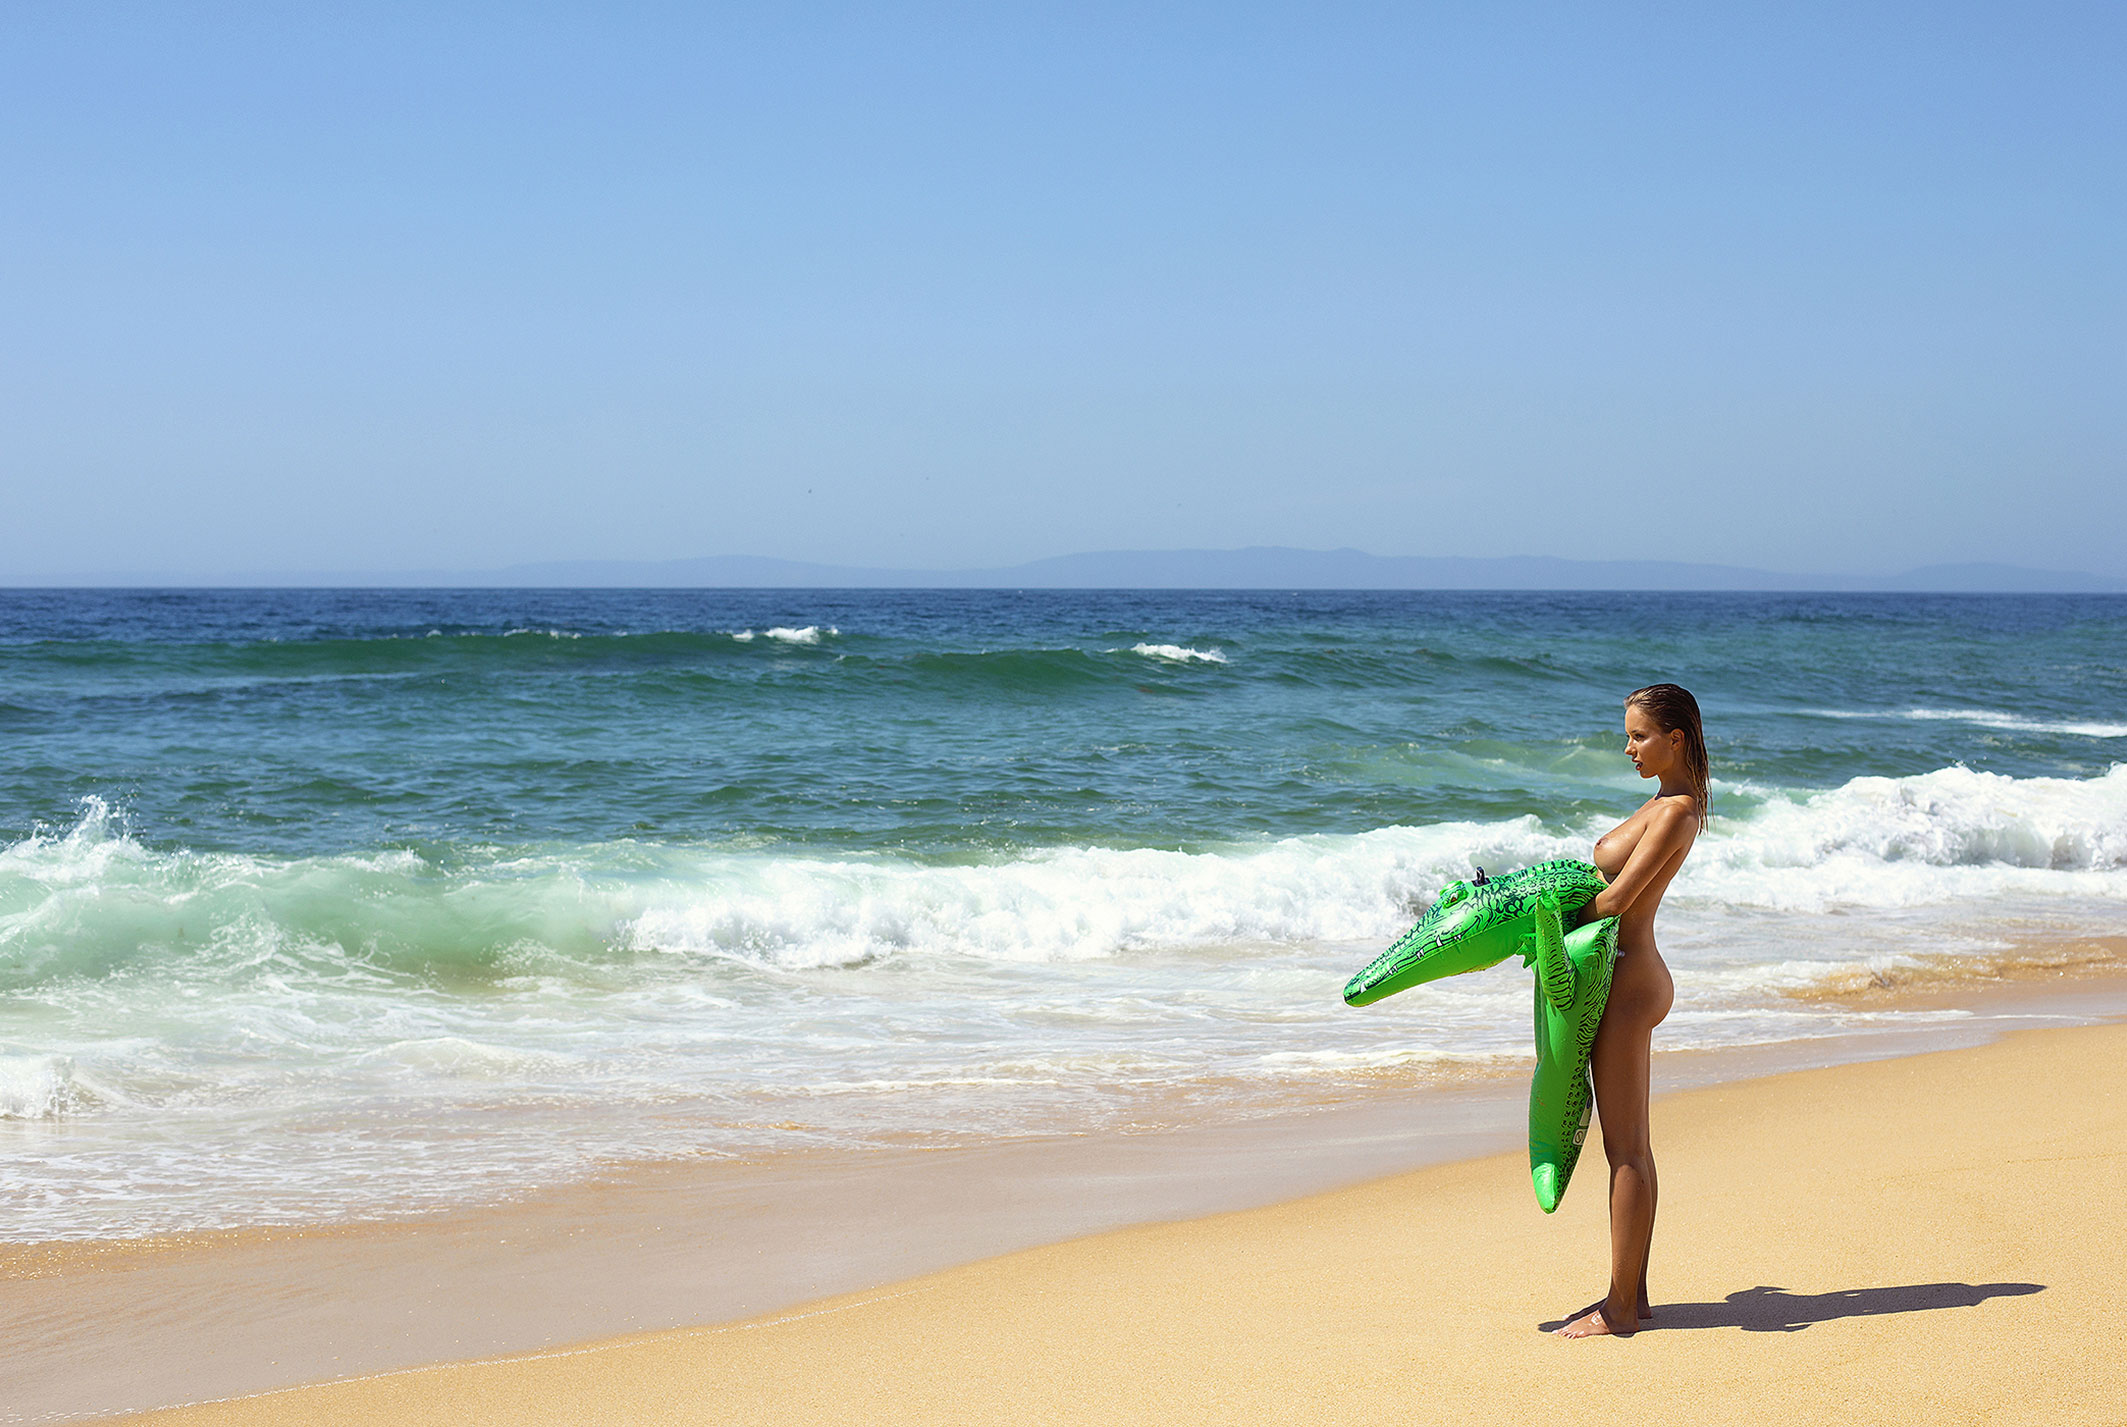 Сексуальная голая Наталья Андреева под жарким солнцем на диком пляже в Португалии / фото 19